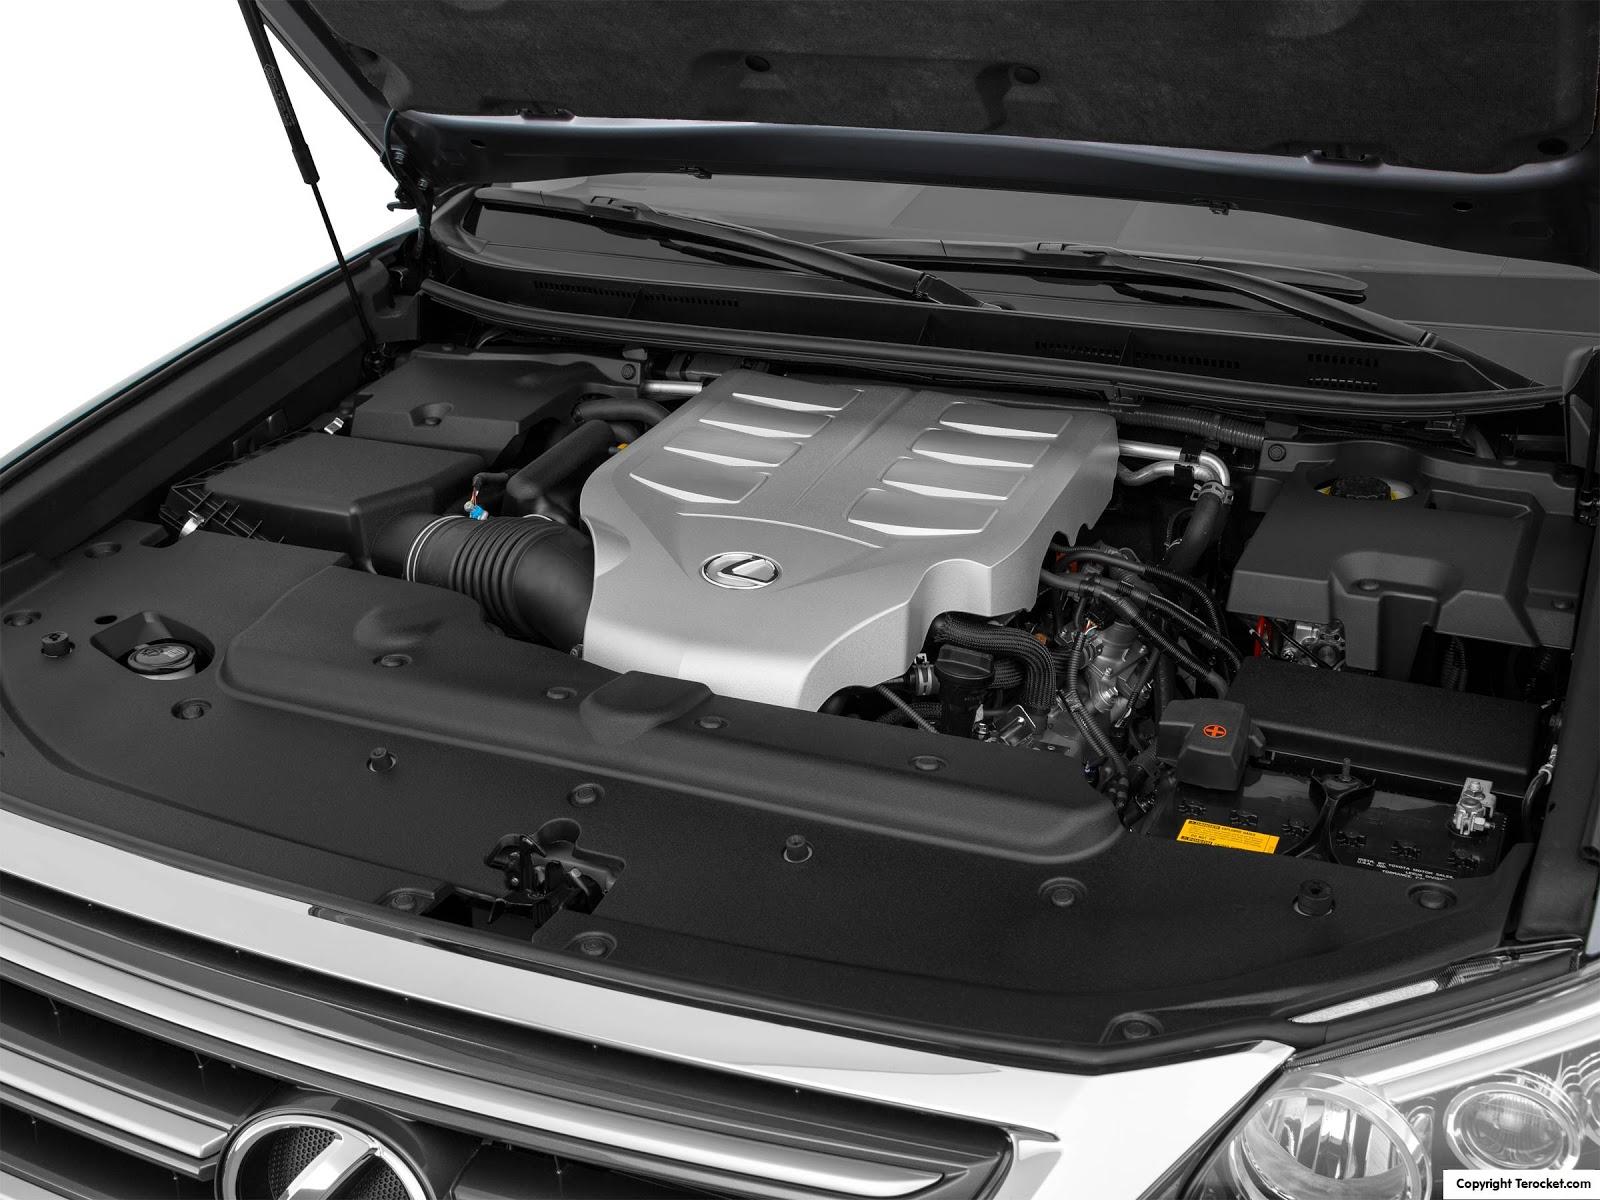 Tuy sử dụng động cơ V8, nhưng sức mạnh vẫn chưa được như kỳ vọng, chỉ đủ xài